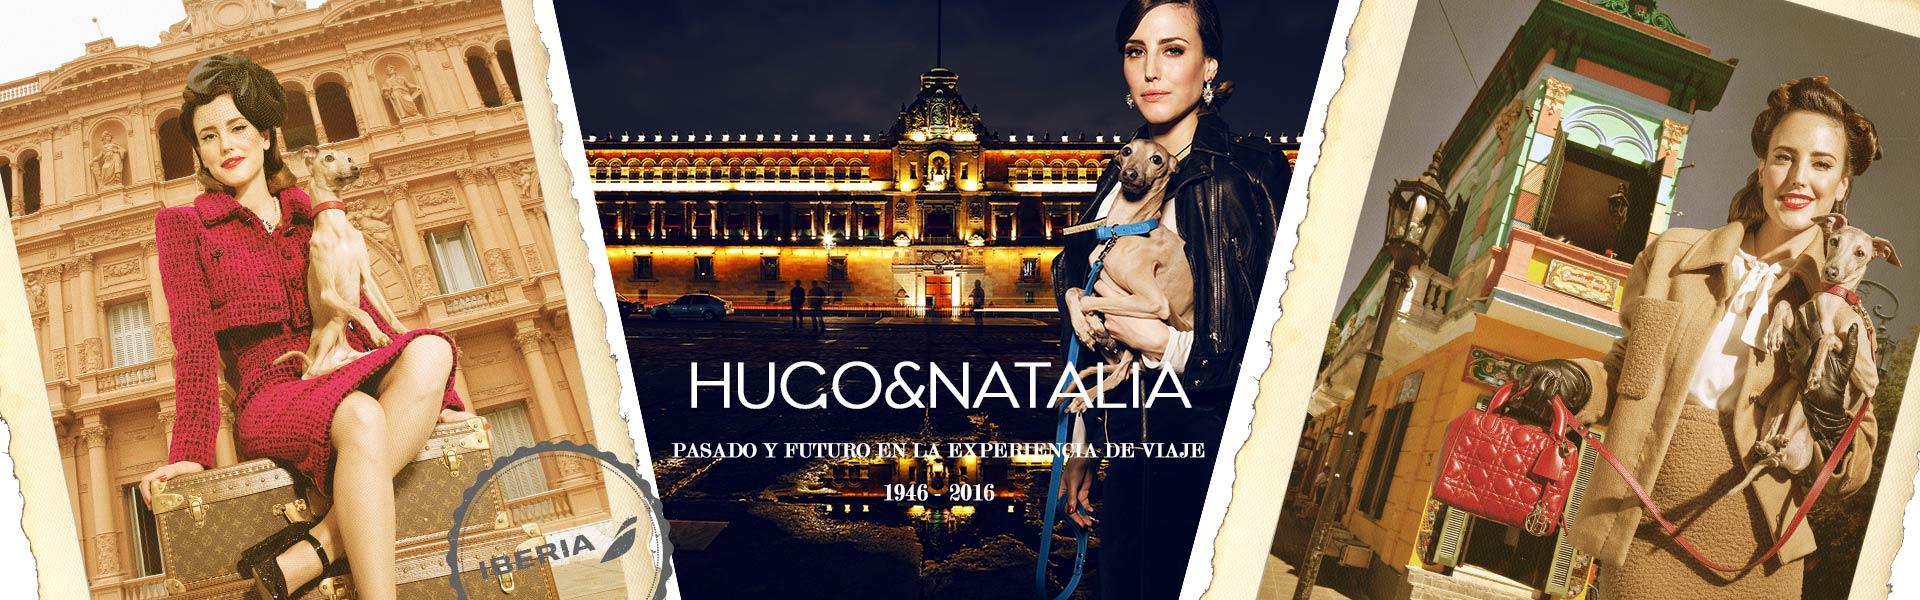 Natalia-de-Molina-y-su-perro-Hugo-pasado-y-futuro-en-la-experiencia-de-viaje